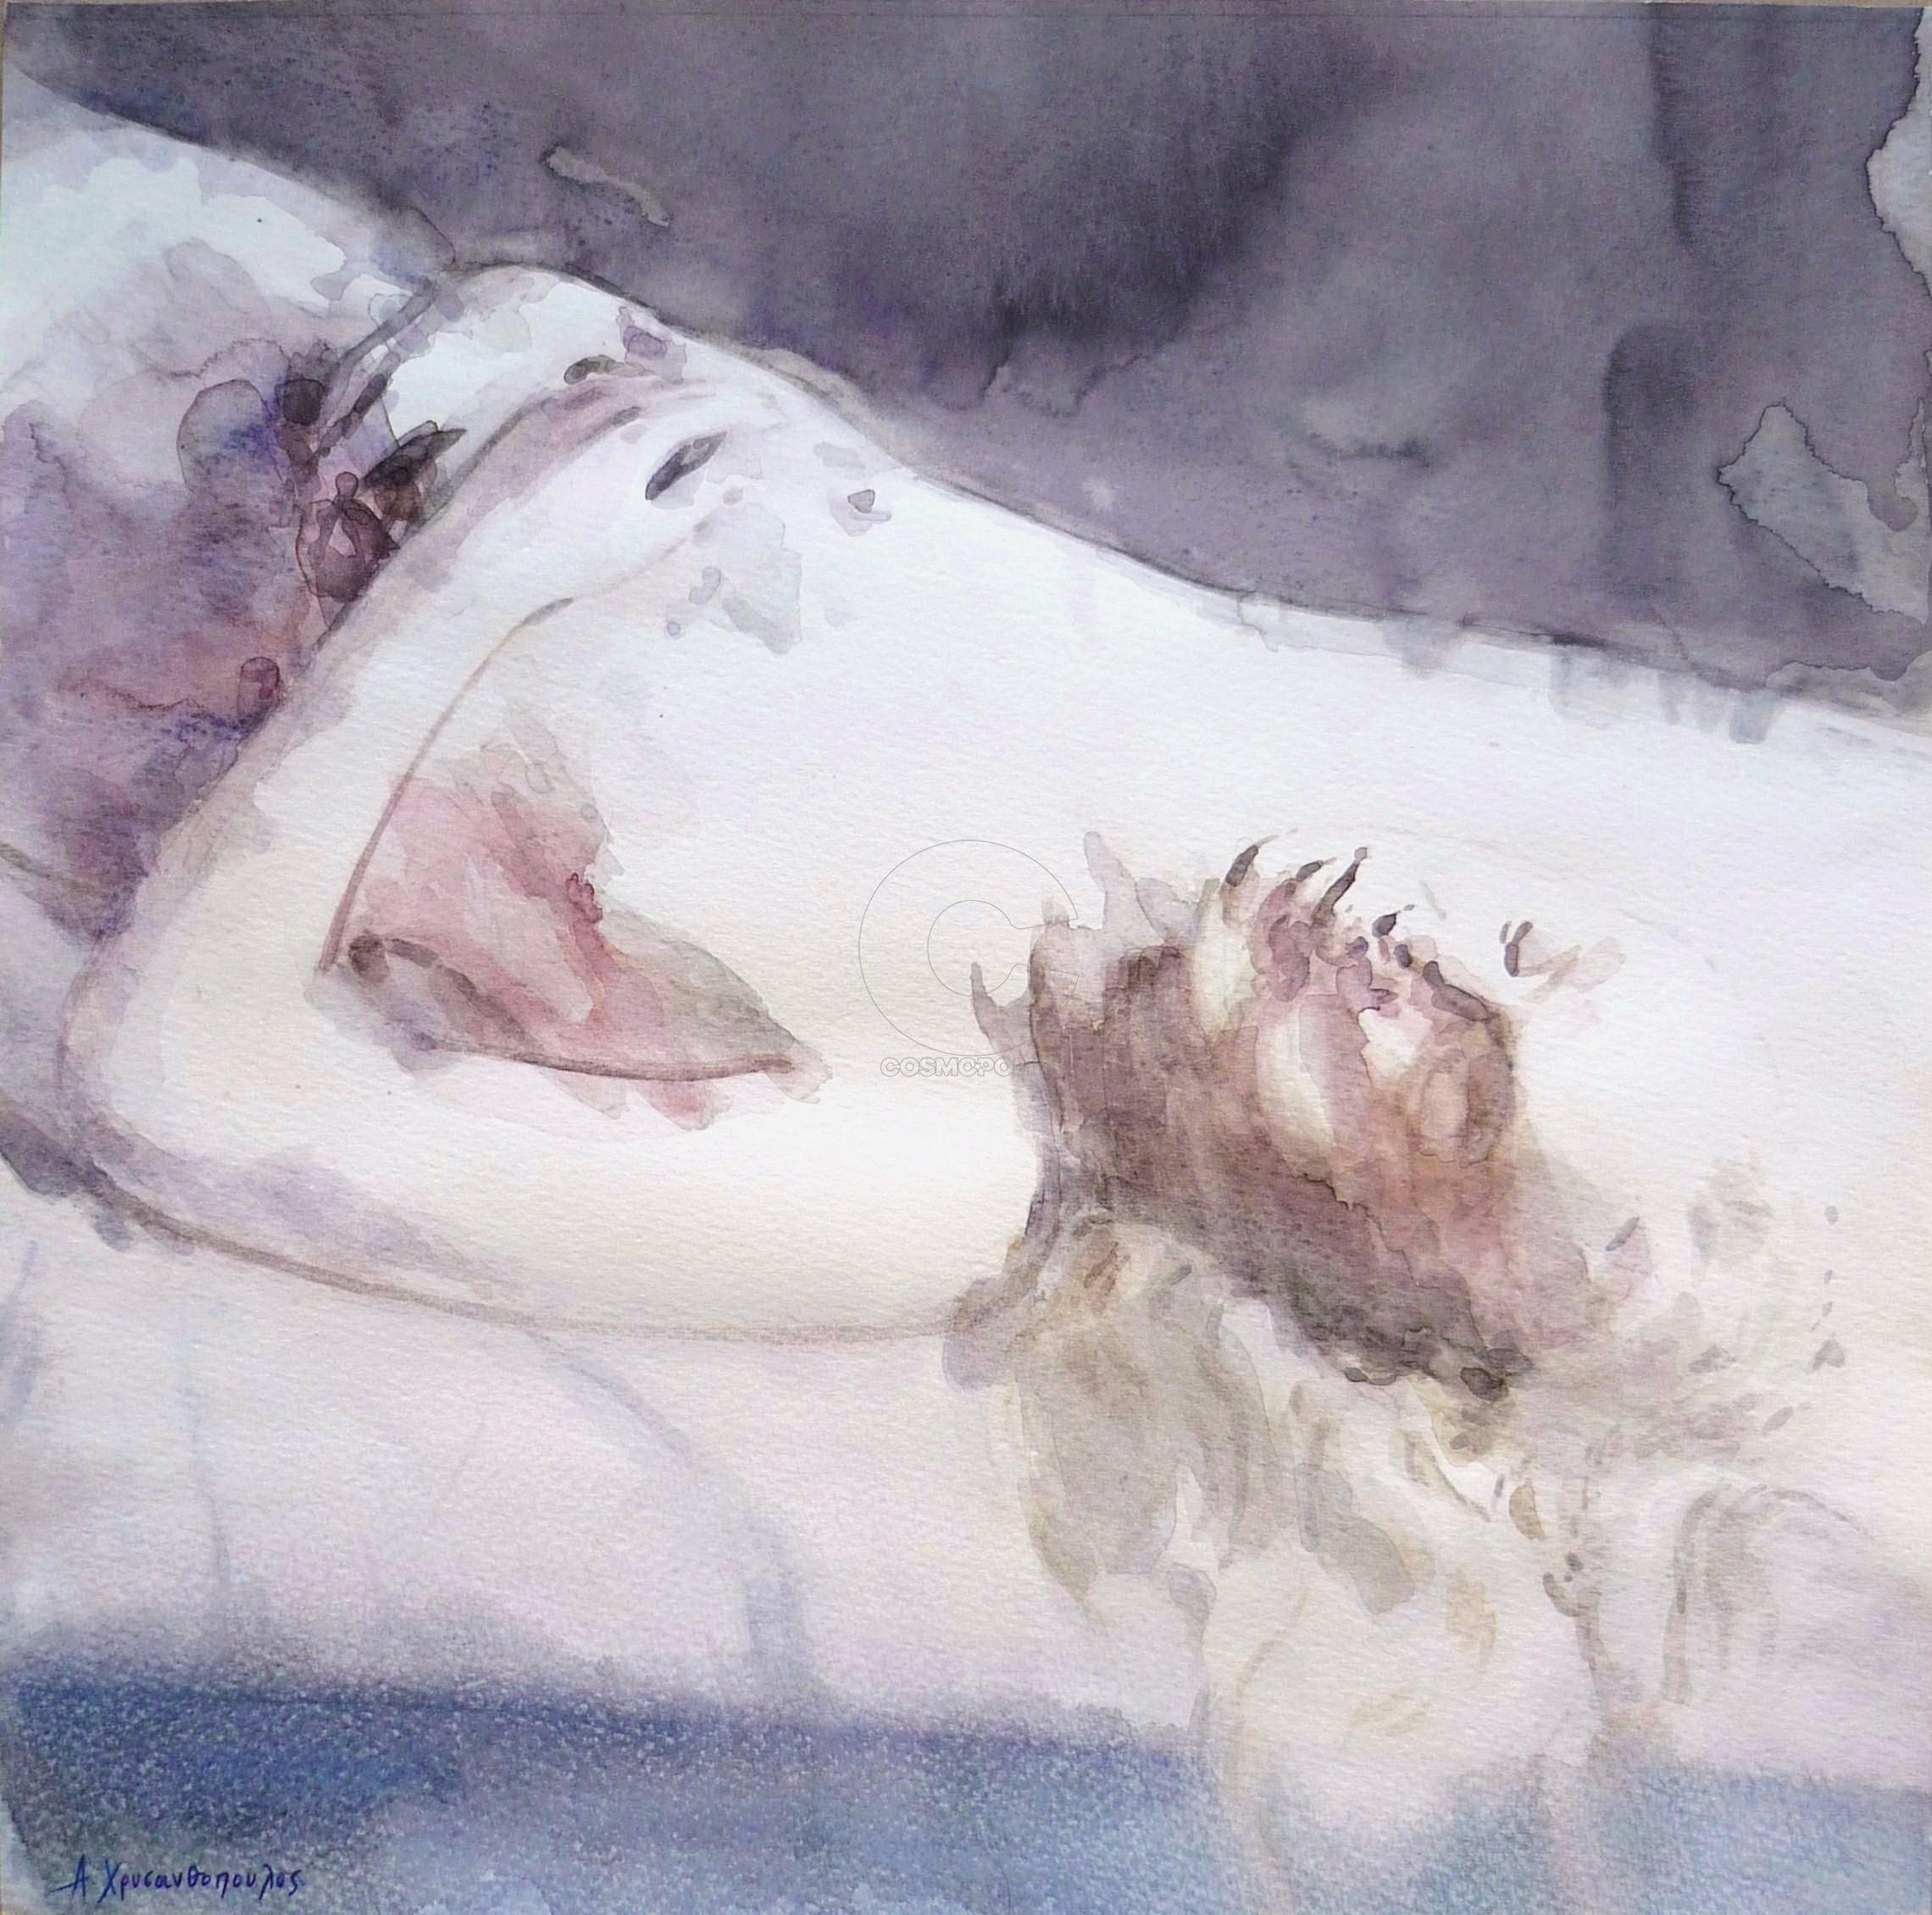 Αριστείδης Χρυσανθόπουλος - Aristidis Chrysanthopoulos, Sleeping beauty, 40x40cm, Ακουαρέλα - Watercolor